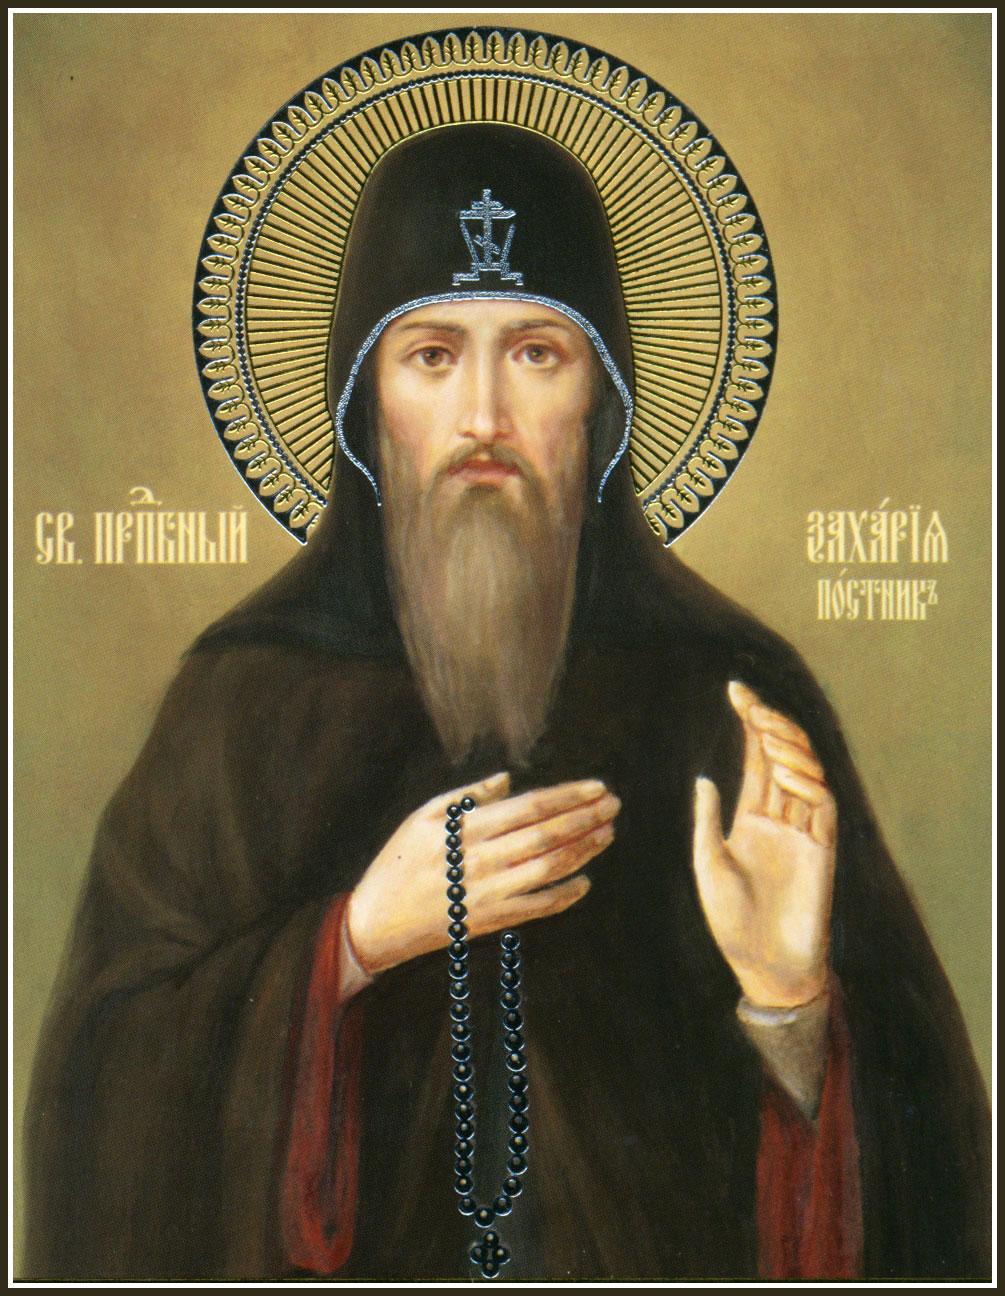 Преподобный Захария Печерский